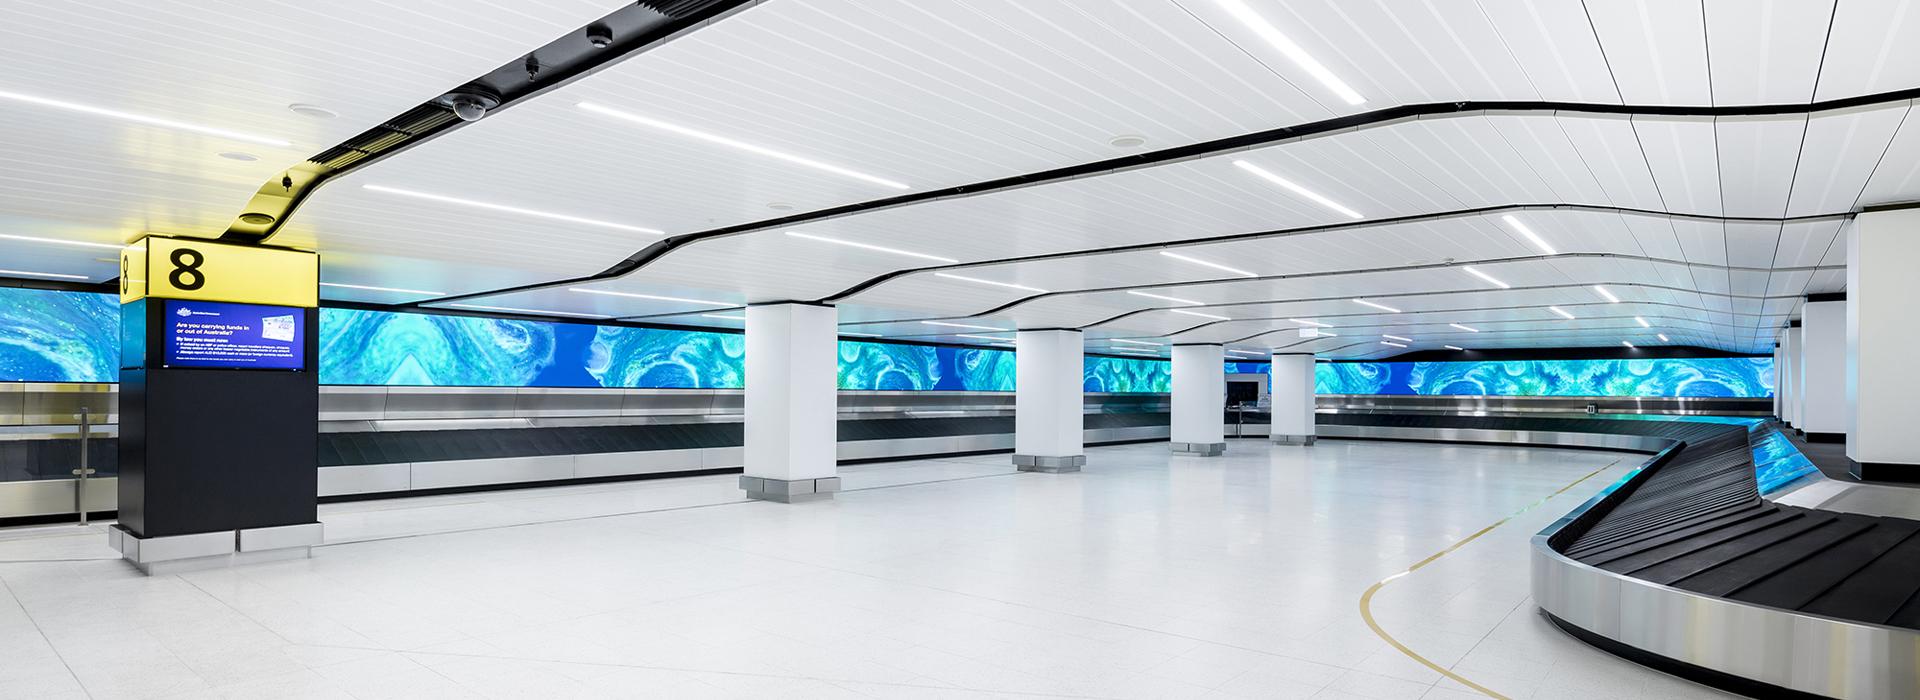 melbourne-airport-siliconcore-4